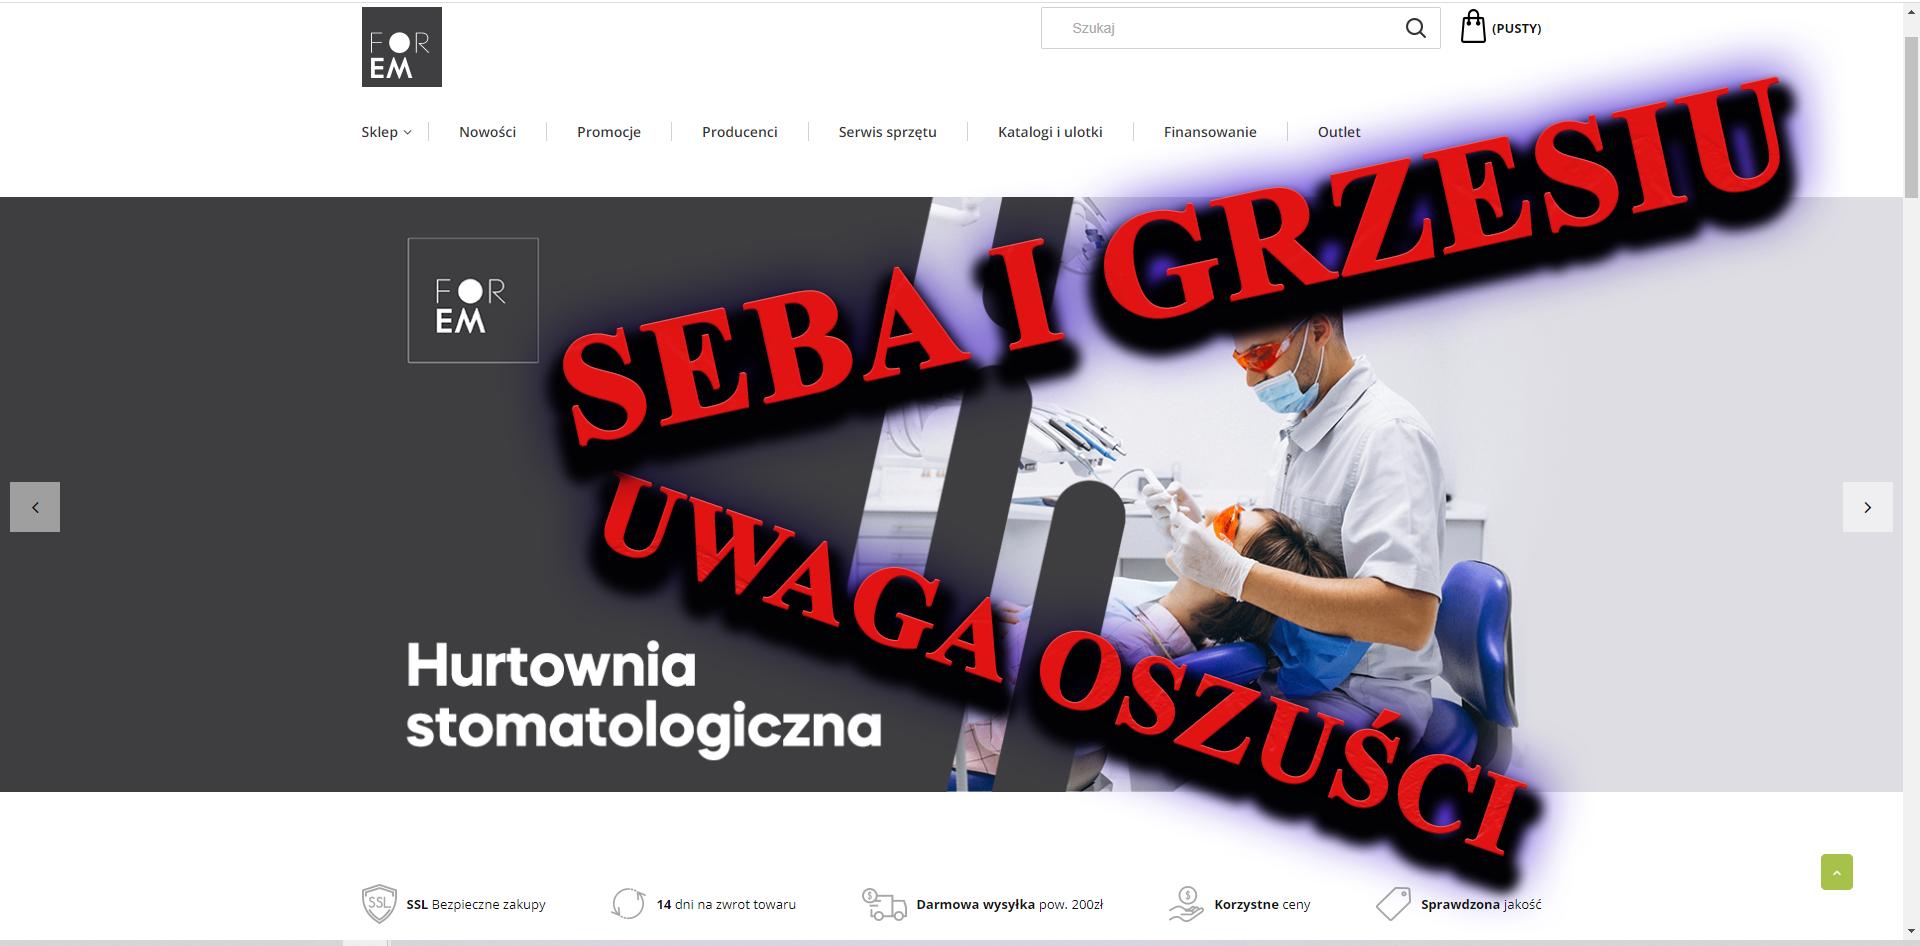 FOR-EM Seba J. & Grzesiu B.